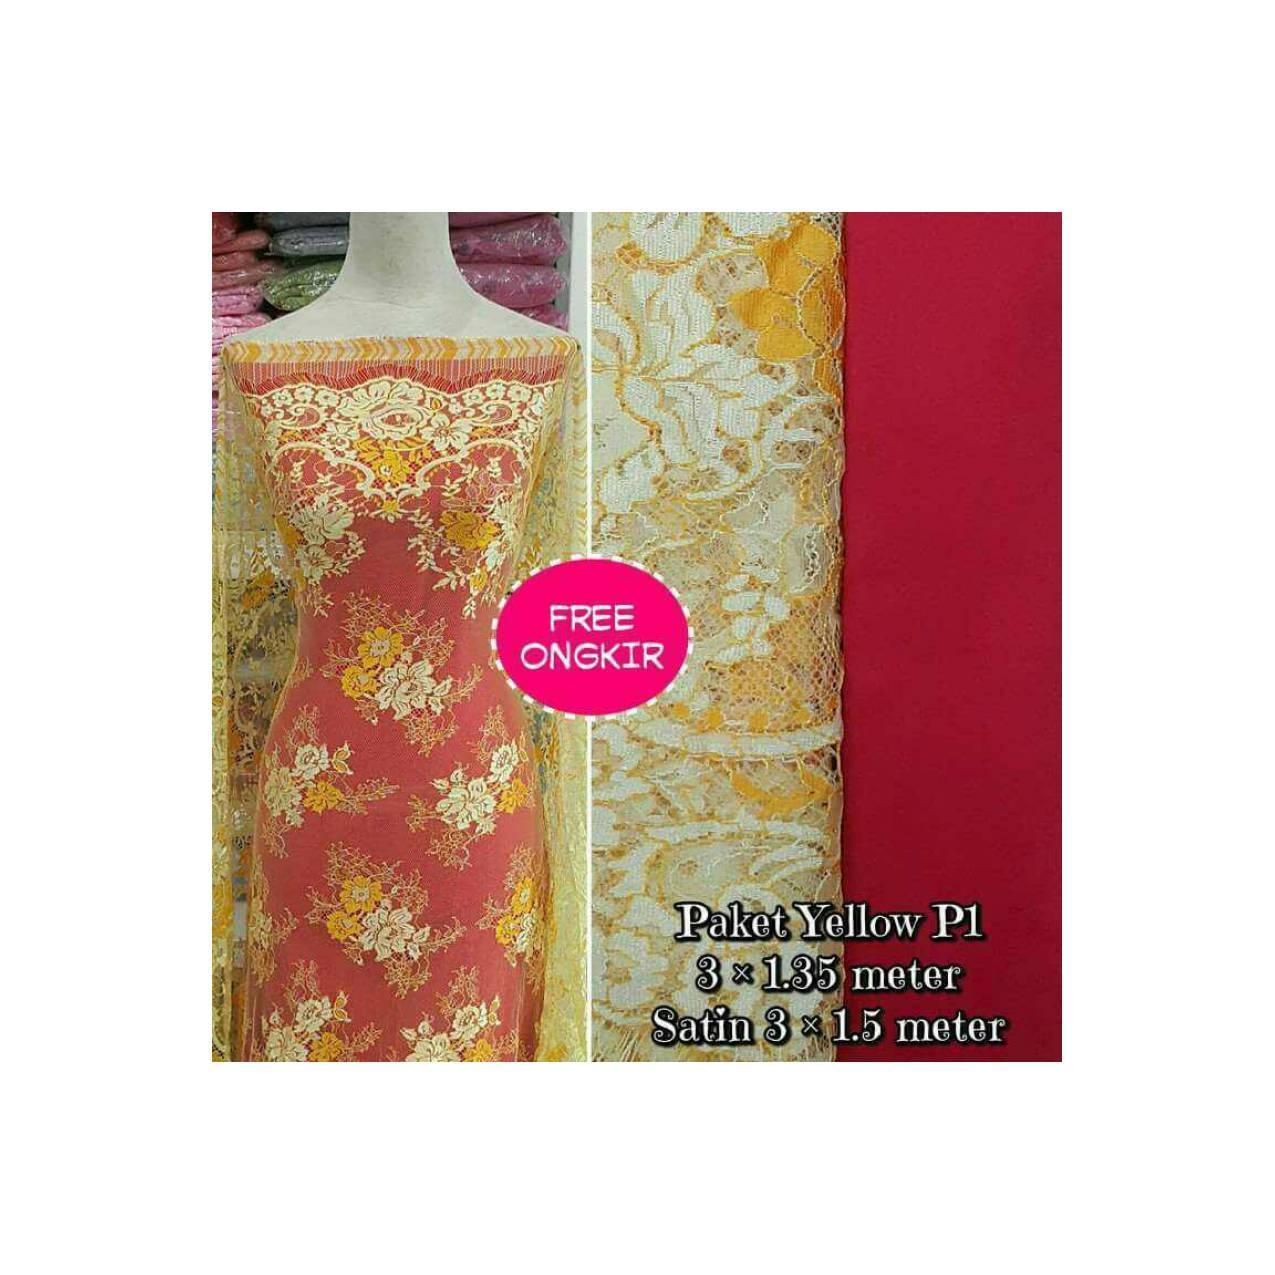 Brokat Bahan Kain Kebaya Dress Baju Muslim Gamis Paket Yellow P1